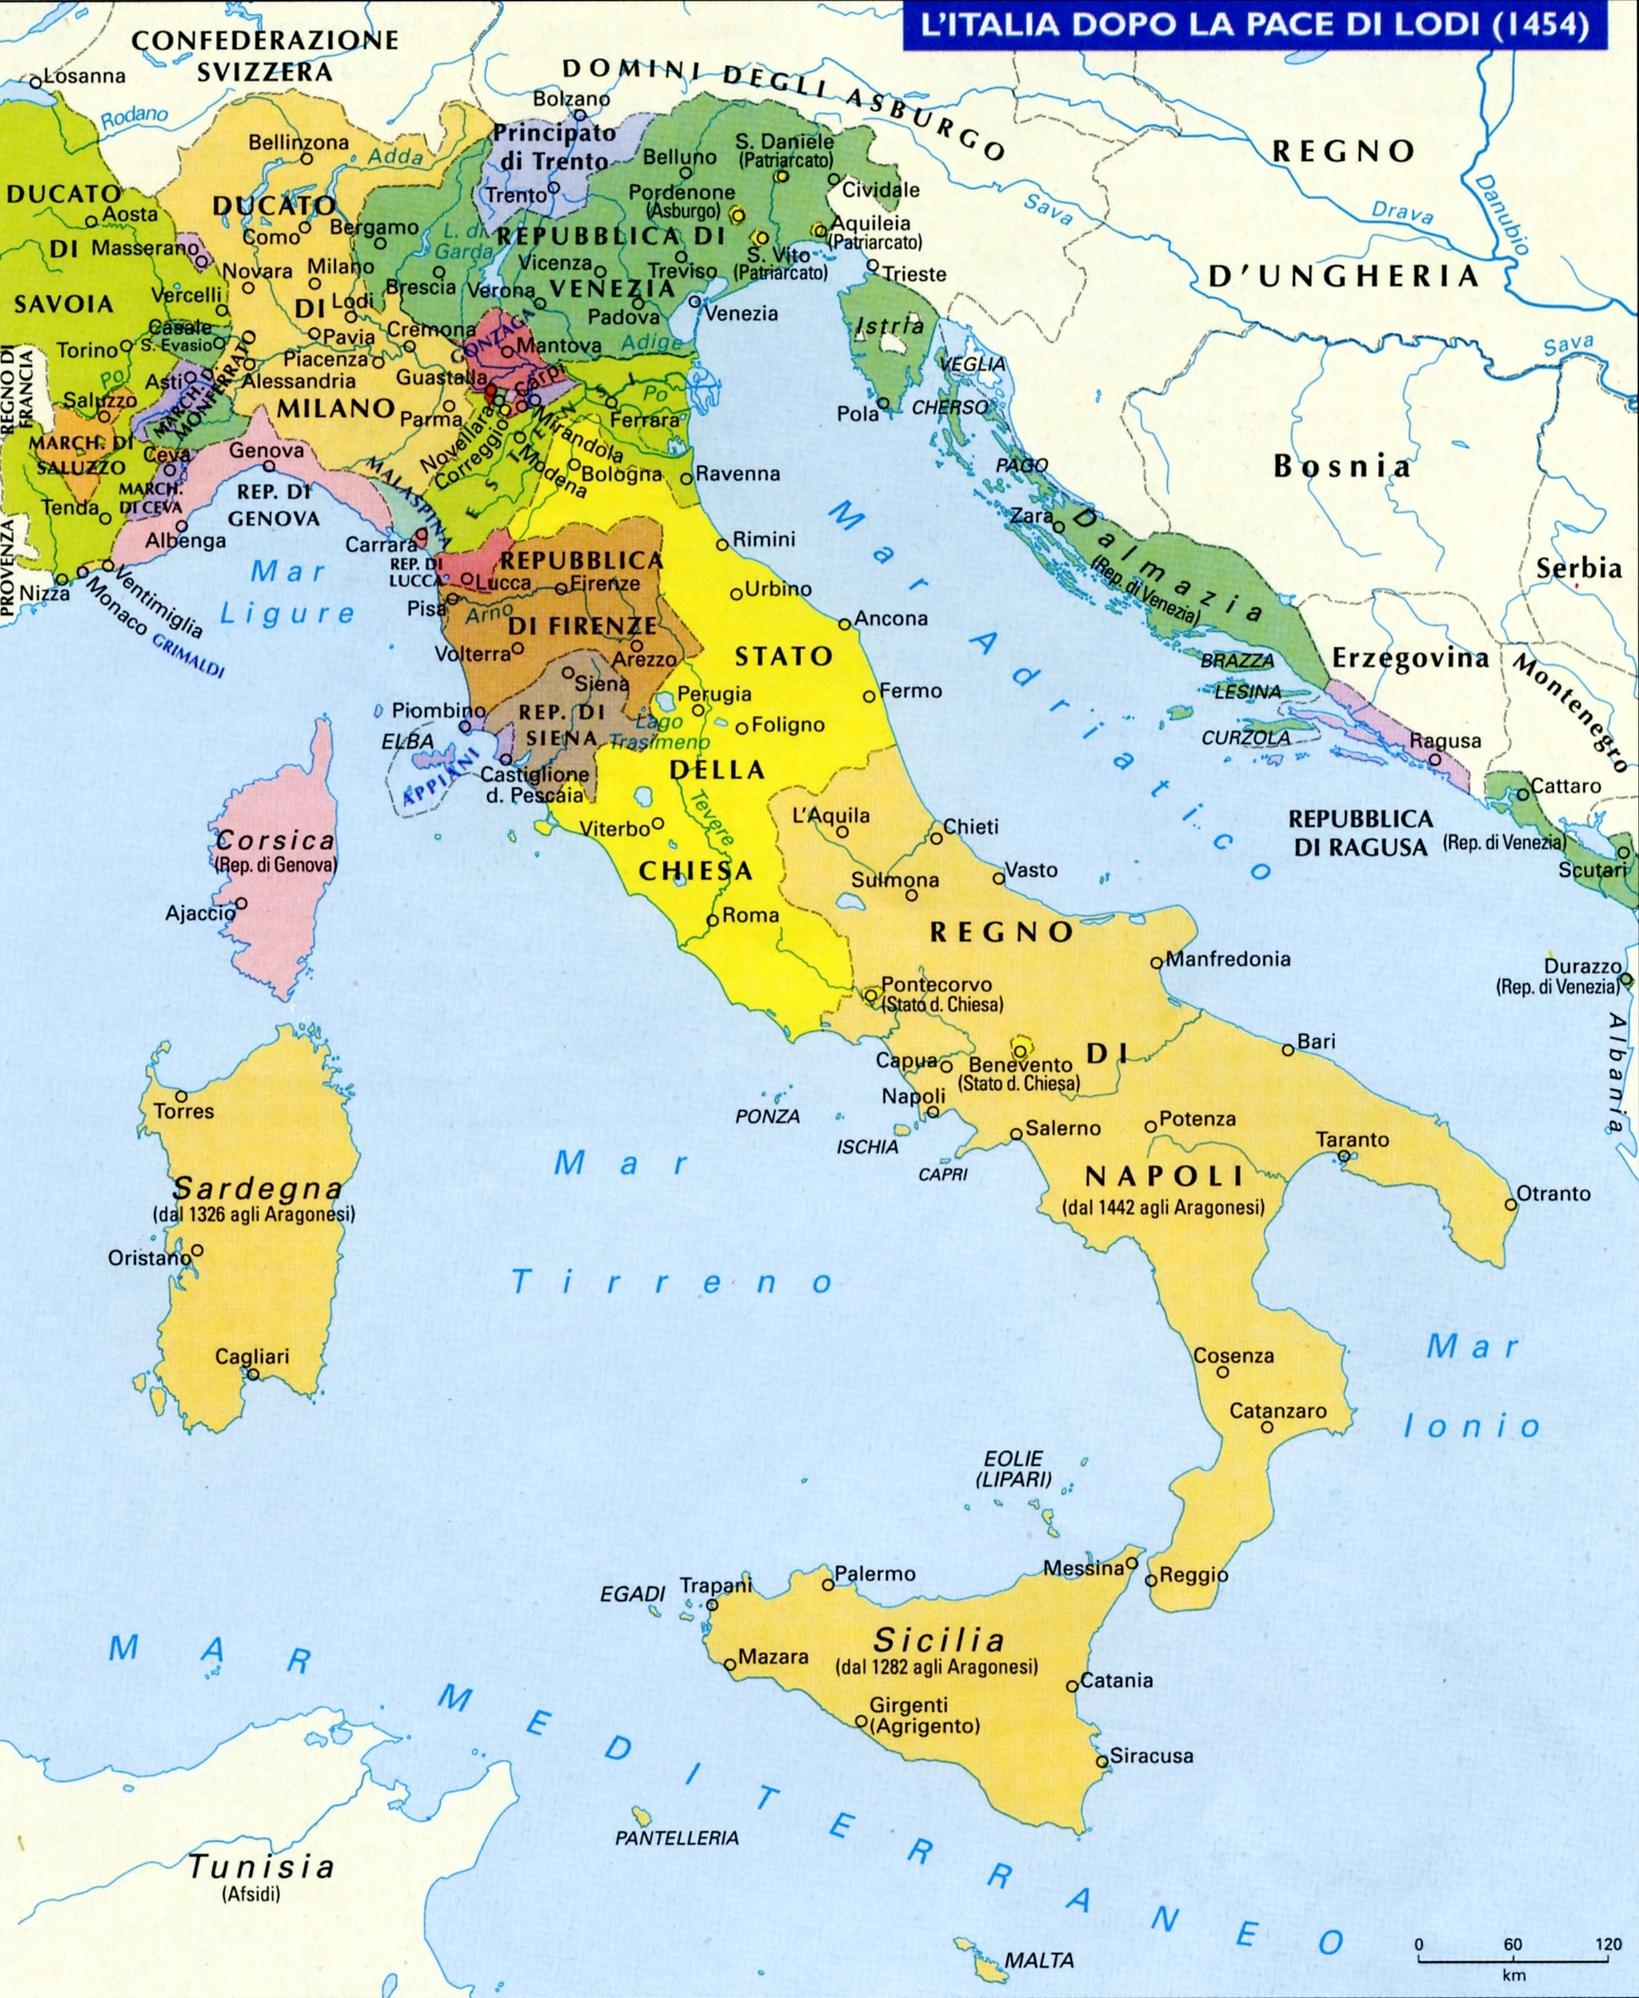 Cartina Dellitalia Nel 400.I Principali Stati Italiani Tra Medioevo E Rinascimento Platone 2 0 Storia Tardo Antica E Medioevale